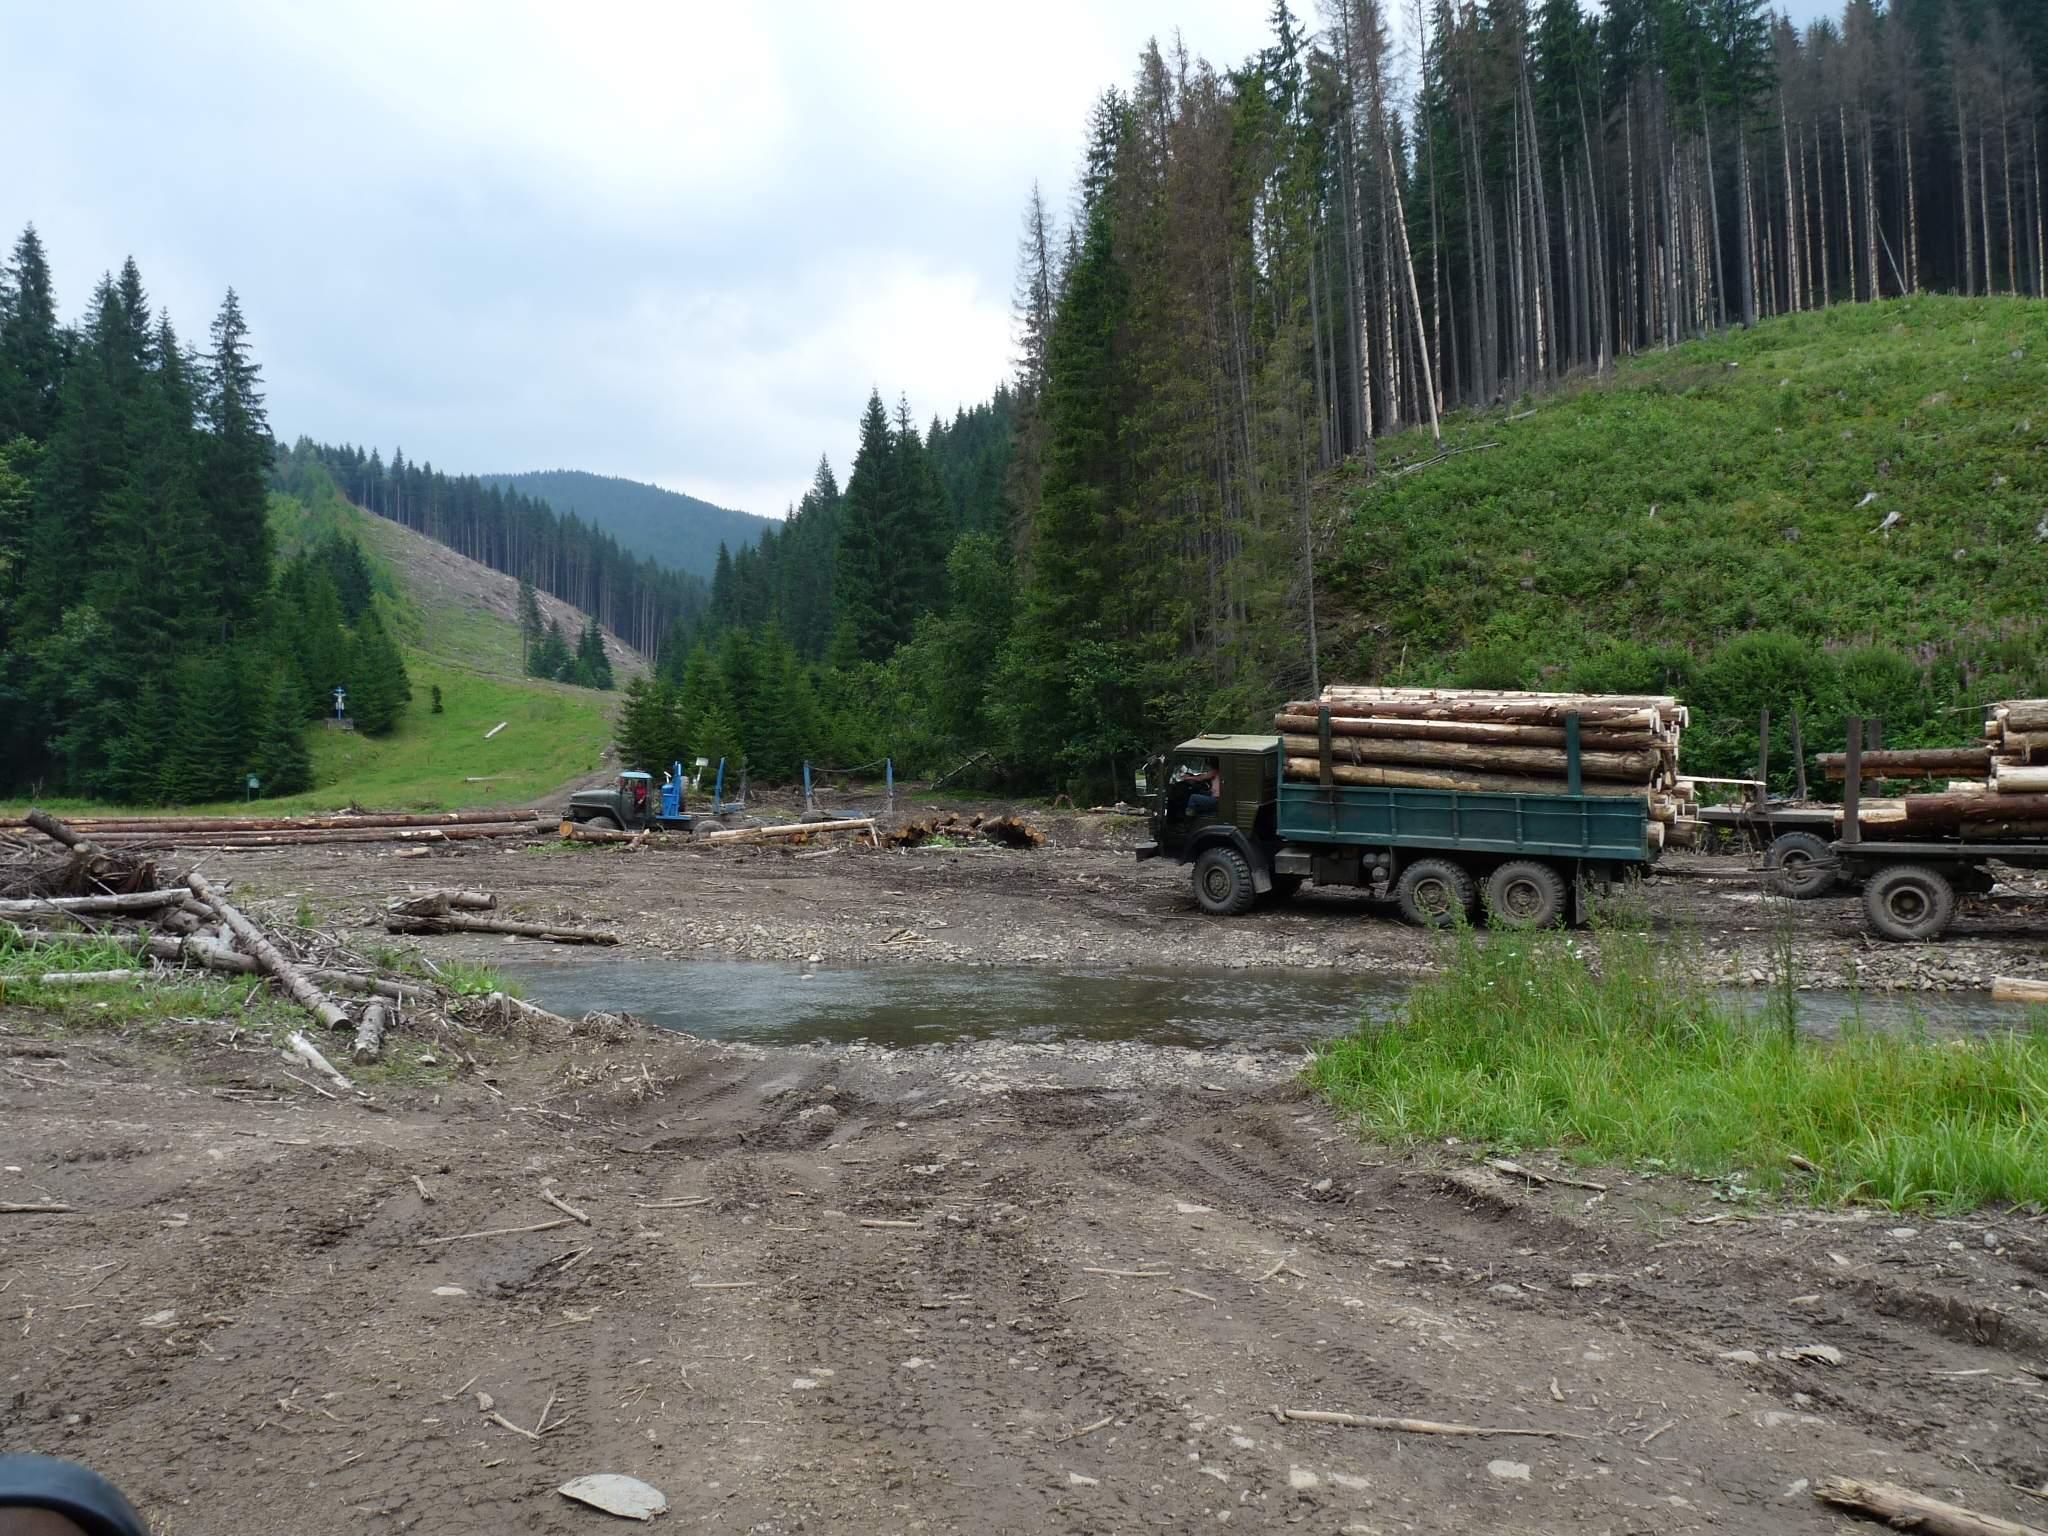 """Мешканці Міжгірщини, які вчинили незаконну поруку дерев у Нацпарку """"Синевир"""", будуть відповідати перед законом"""